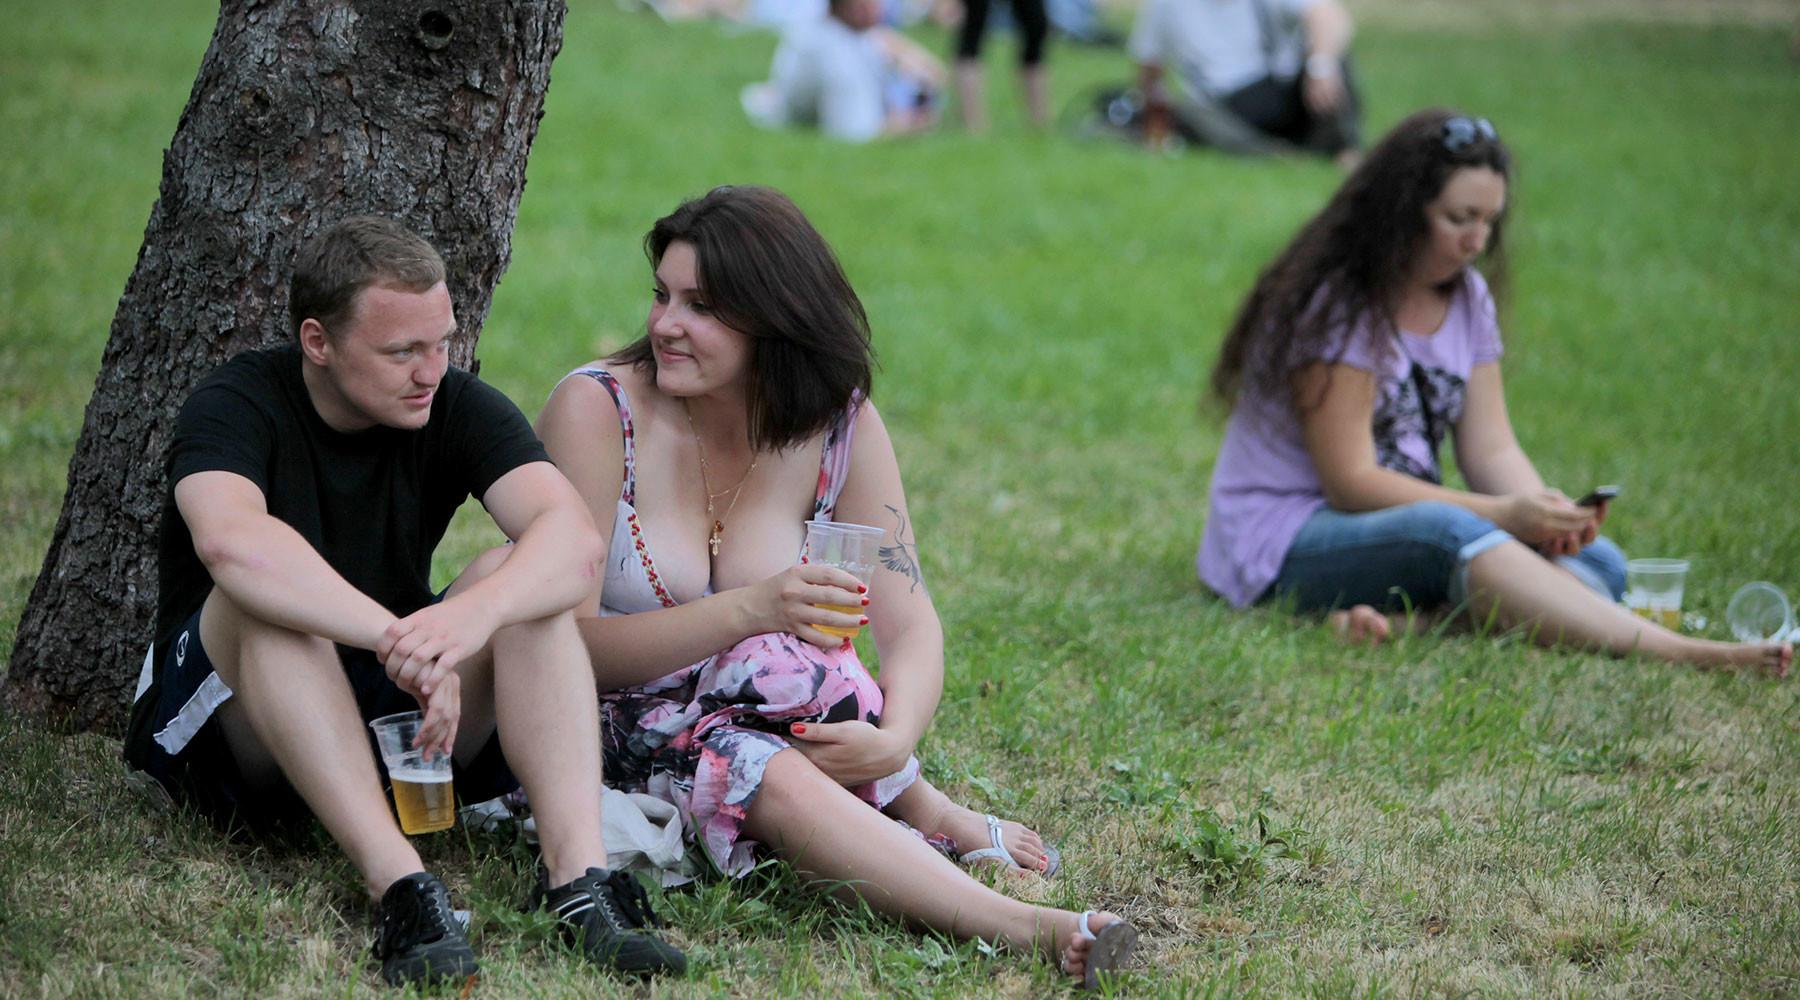 Градус ответственности: распивающих спиртное в неположенных местах предлагают проверять на алкоголизм